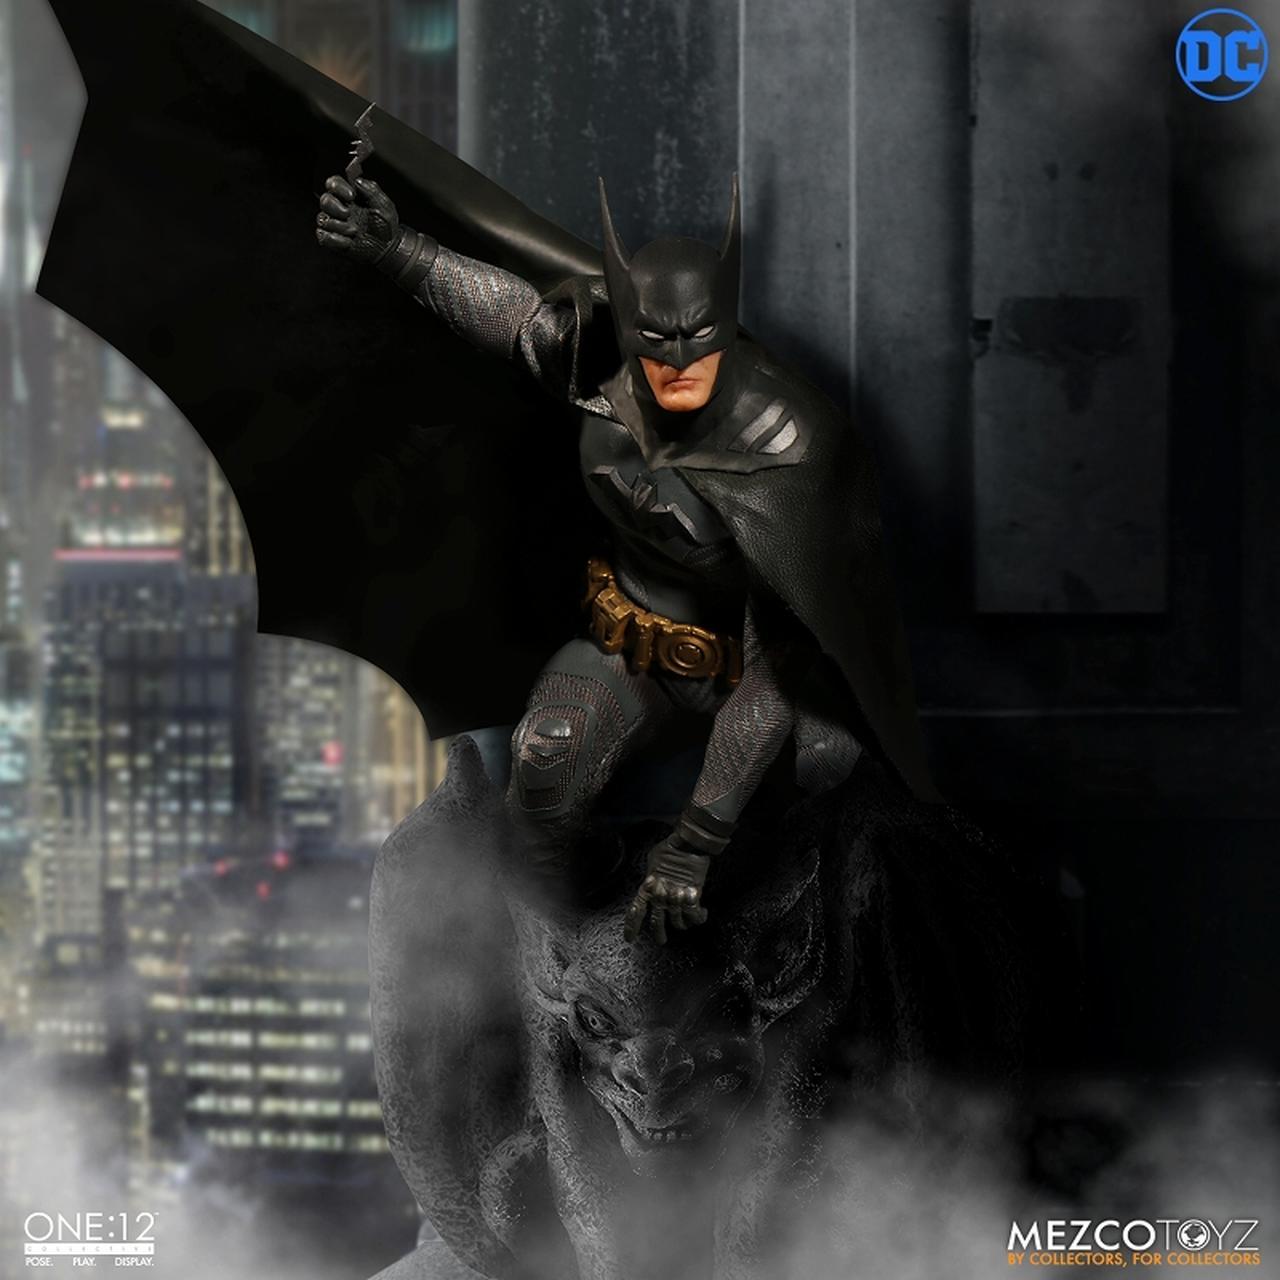 画像4: 「アセンディング・ナイト」版バットマンがフィギュア化! ケレン味あるコミックデザインならでは「バットマン」を再現